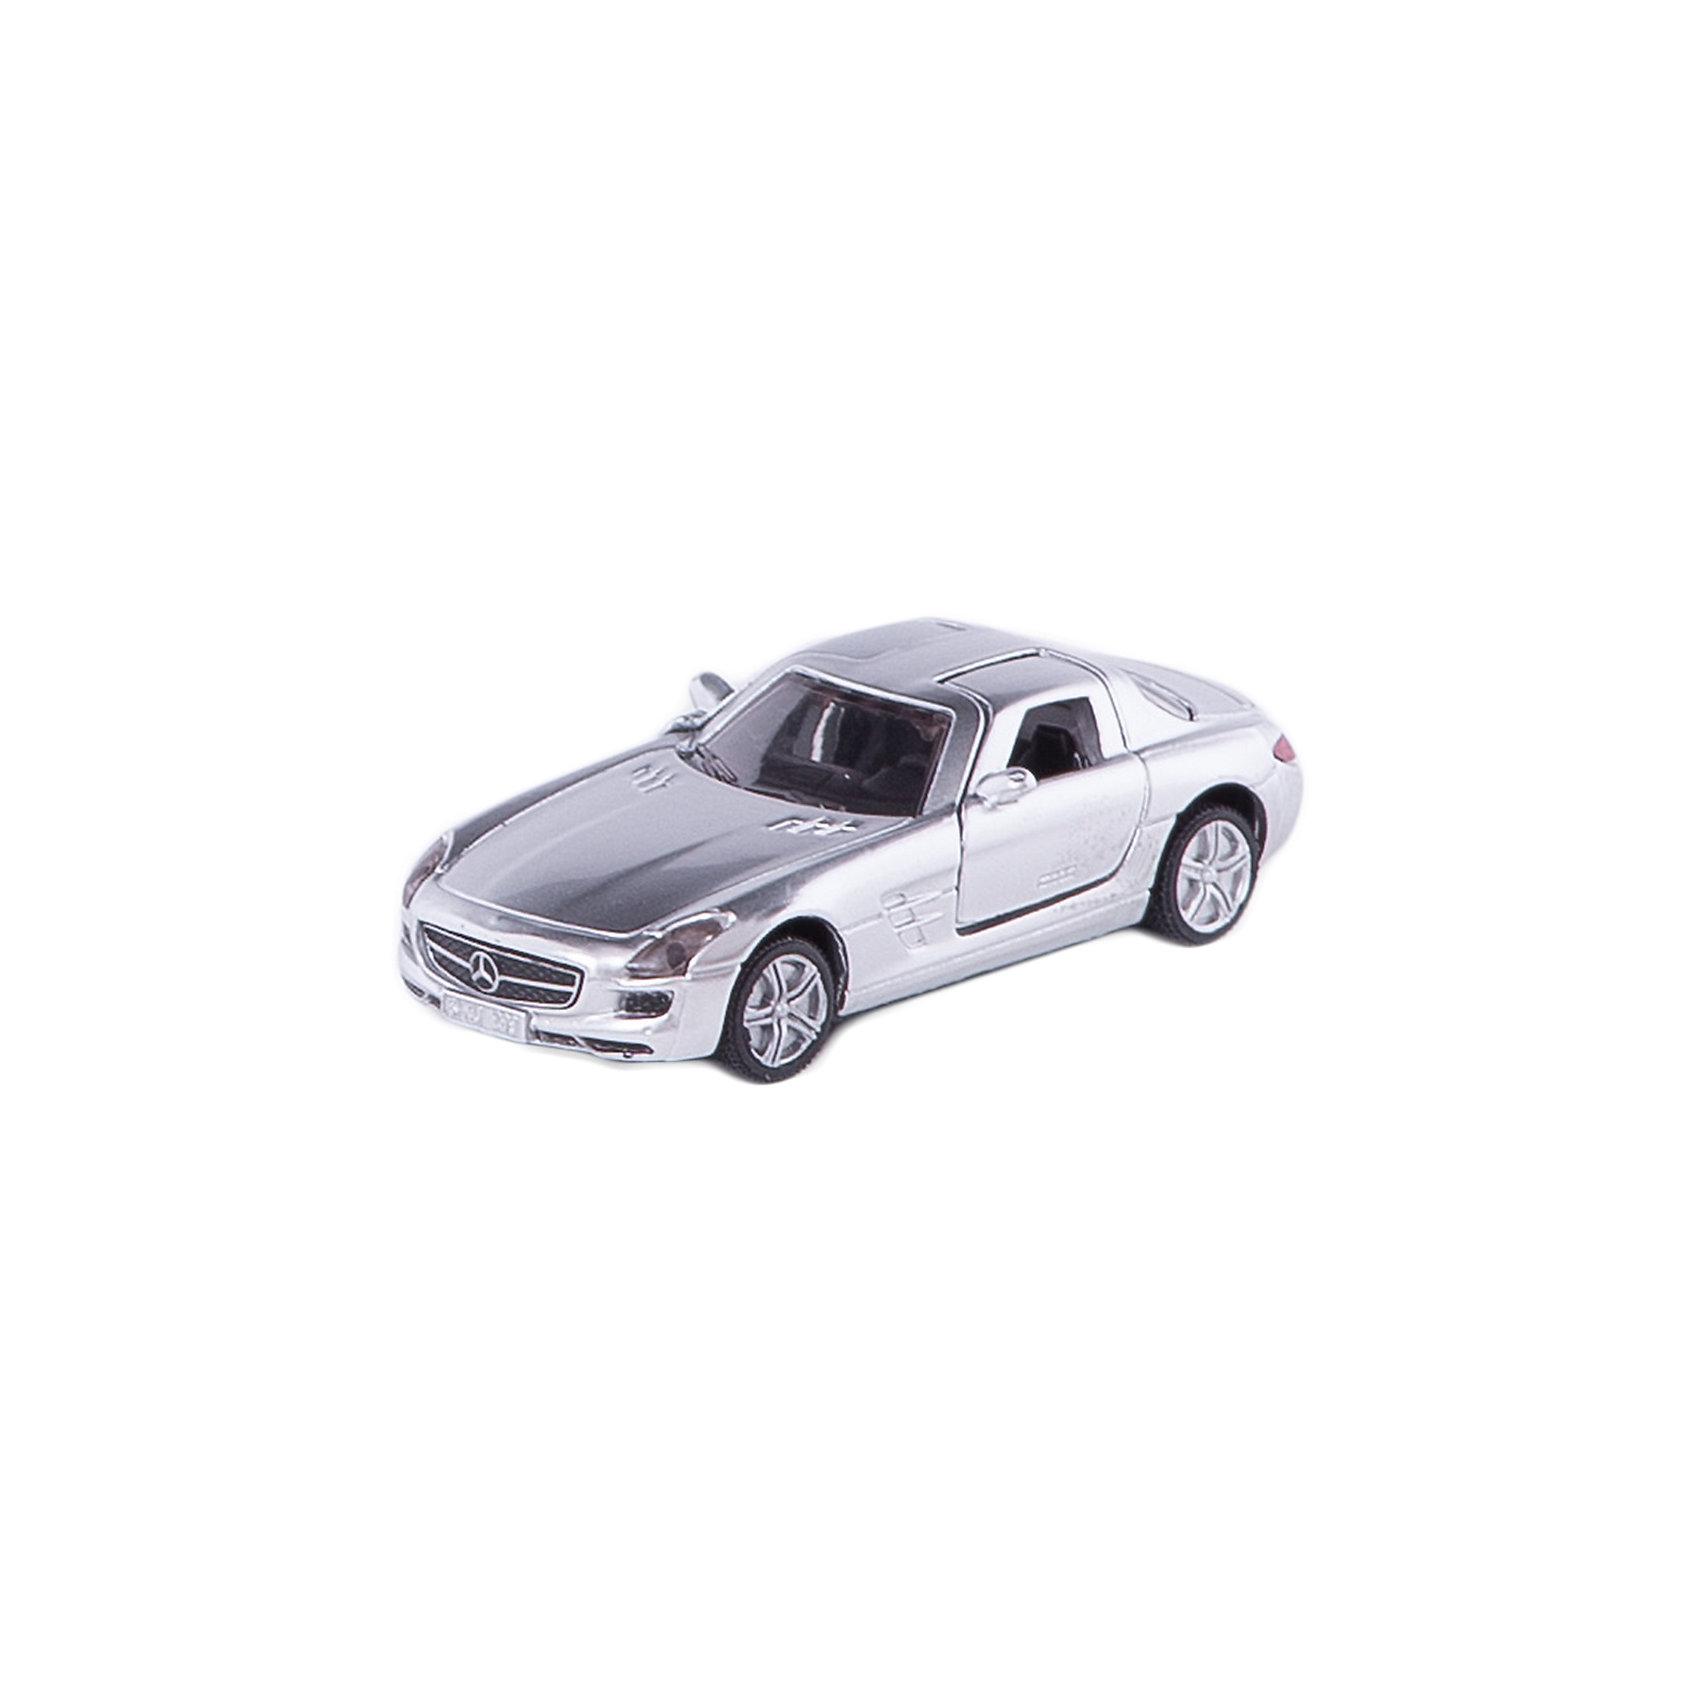 SIKU 1445 Мерседес SLSКоллекционные модели<br>Мерседес SLS 1445, Siku, станет замечательным подарком для автолюбителей всех возрастов. Модель представляет из себя реалистичную копию популярного спорткара Мерседес SLS и отличается высокой степенью детализации и тщательной проработкой всех элементов. Машина оснащена прозрачными лобовыми стеклами, в салоне можно увидеть сиденья и руль, двери открываются вверх. Колеса вращаются, широкие шины оборудованы спортивными колесными дисками. Корпус модели выполнен из металла, детали изготовлены из ударопрочной пластмассы.<br><br>Дополнительная информация:<br><br>- Материал: металл, пластик.<br>- Масштаб: 1:55.<br>- Размер машинки: 8,3 x 4,7 x 3,4 см.<br>- Размер упаковки: 10 x 8 x 3 см.<br>- Вес: 59 гр.<br><br>1445 Мерседес SLS, Siku, можно купить в нашем интернет-магазине.<br><br>Ширина мм: 96<br>Глубина мм: 78<br>Высота мм: 50<br>Вес г: 64<br>Возраст от месяцев: 36<br>Возраст до месяцев: 96<br>Пол: Мужской<br>Возраст: Детский<br>SKU: 2257964